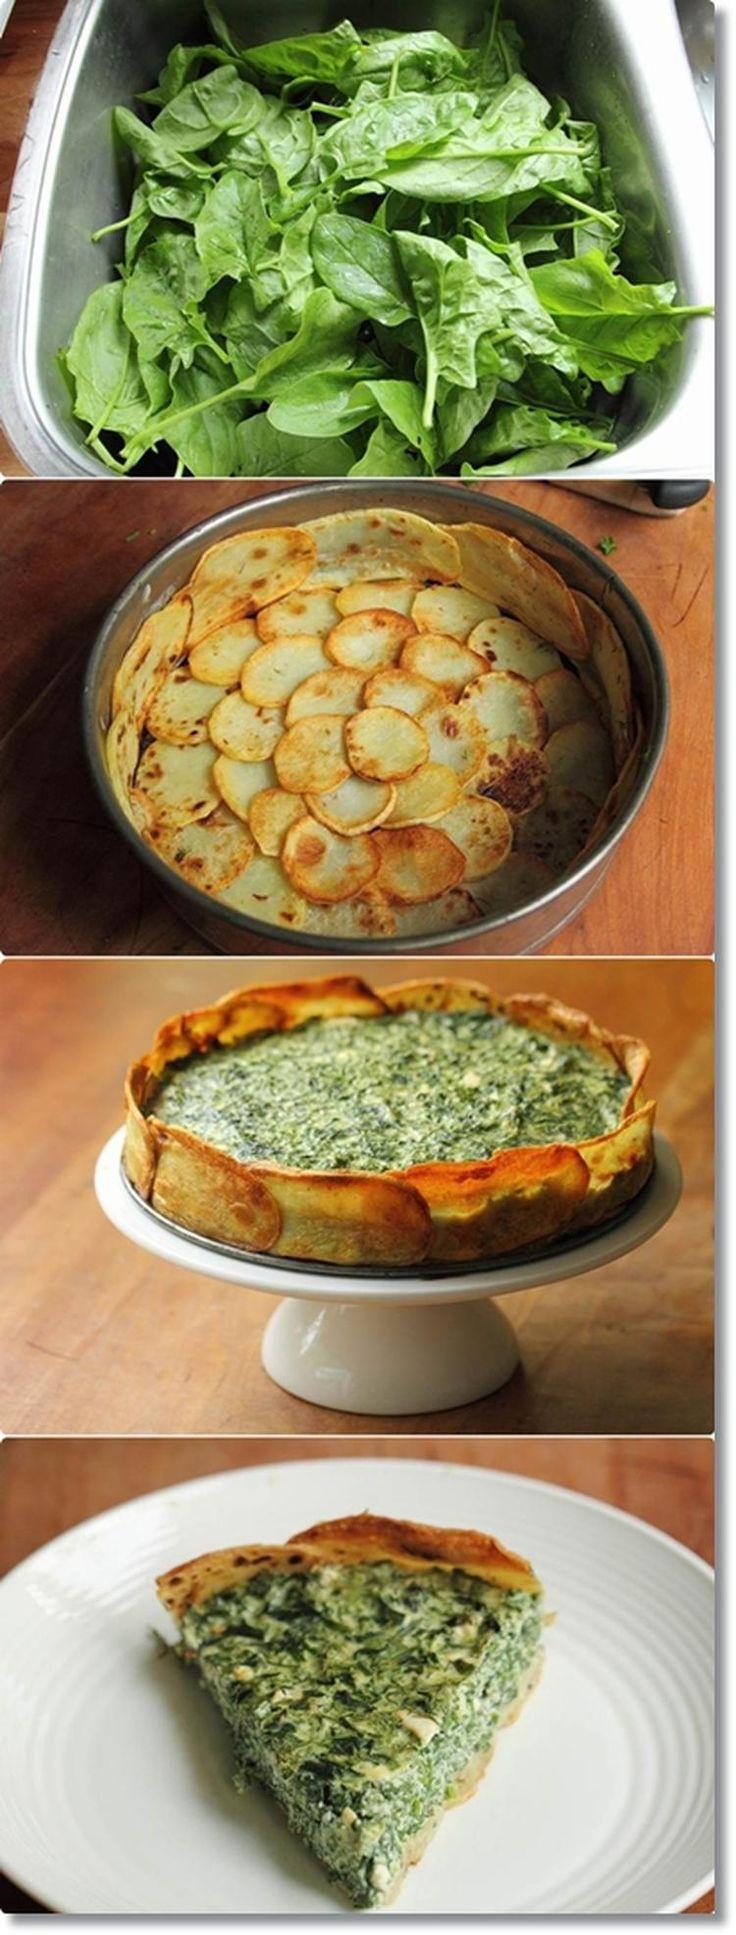 Sehe dir das Foto von Handwerklein mit dem Titel Leckere herzhafte Spinat-Ricotta Tarte mit Kartoffeln. Zutaten: 3 große Kartoffeln (etwa 600 g, 1 ¼ Pfund), 2 EL Olivenöl, 350 g Spinat (etwa ein Sieb voll), 2 Eier, 1 Tasse Ricotta, 1 1/2 Tassen gehackte Frühlingskräuter: Petersilie, Schnittlauch, Dill, 100 g Feta, zerkrümelt. Dann ab in den Ofen bis die Kartoffeln Goldbraun sind   und andere inspirierende Bilder auf Spaaz.de an.